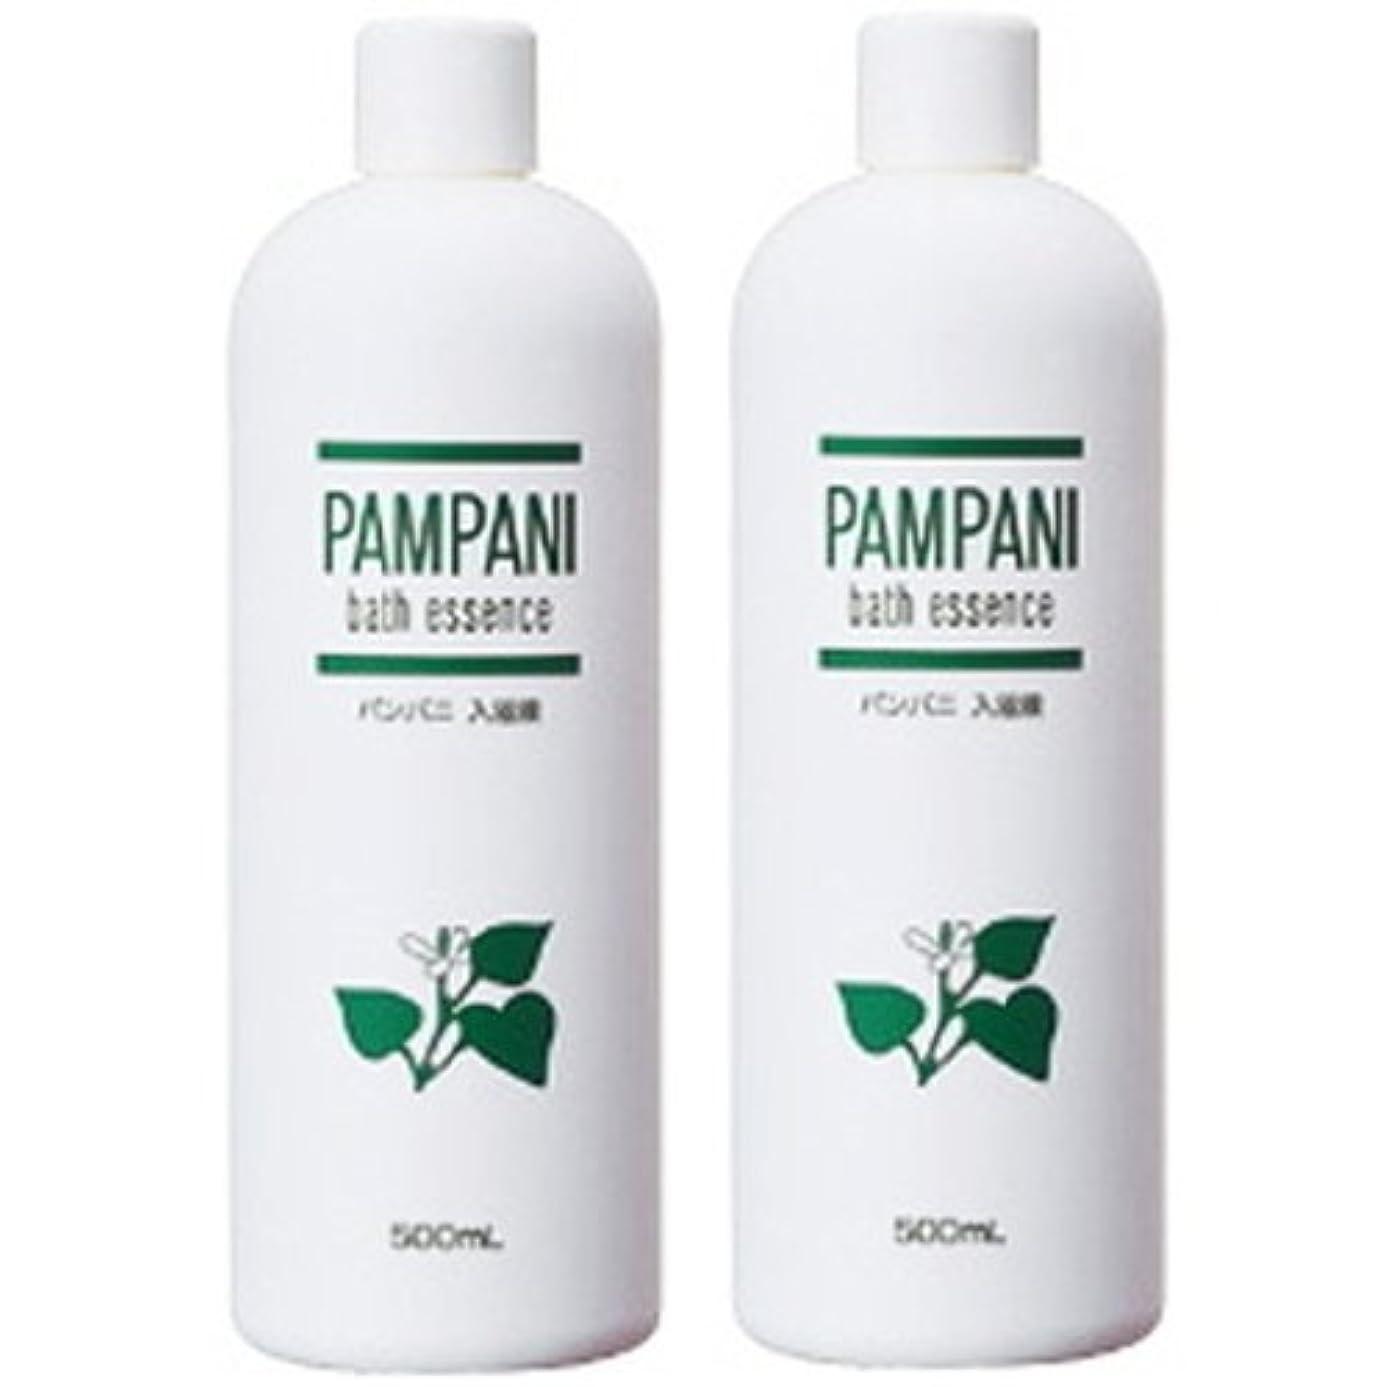 ファイナンス北へ公爵夫人パンパニ(PAMPANI) 入浴液 (希釈タイプ) 500ml×2本組